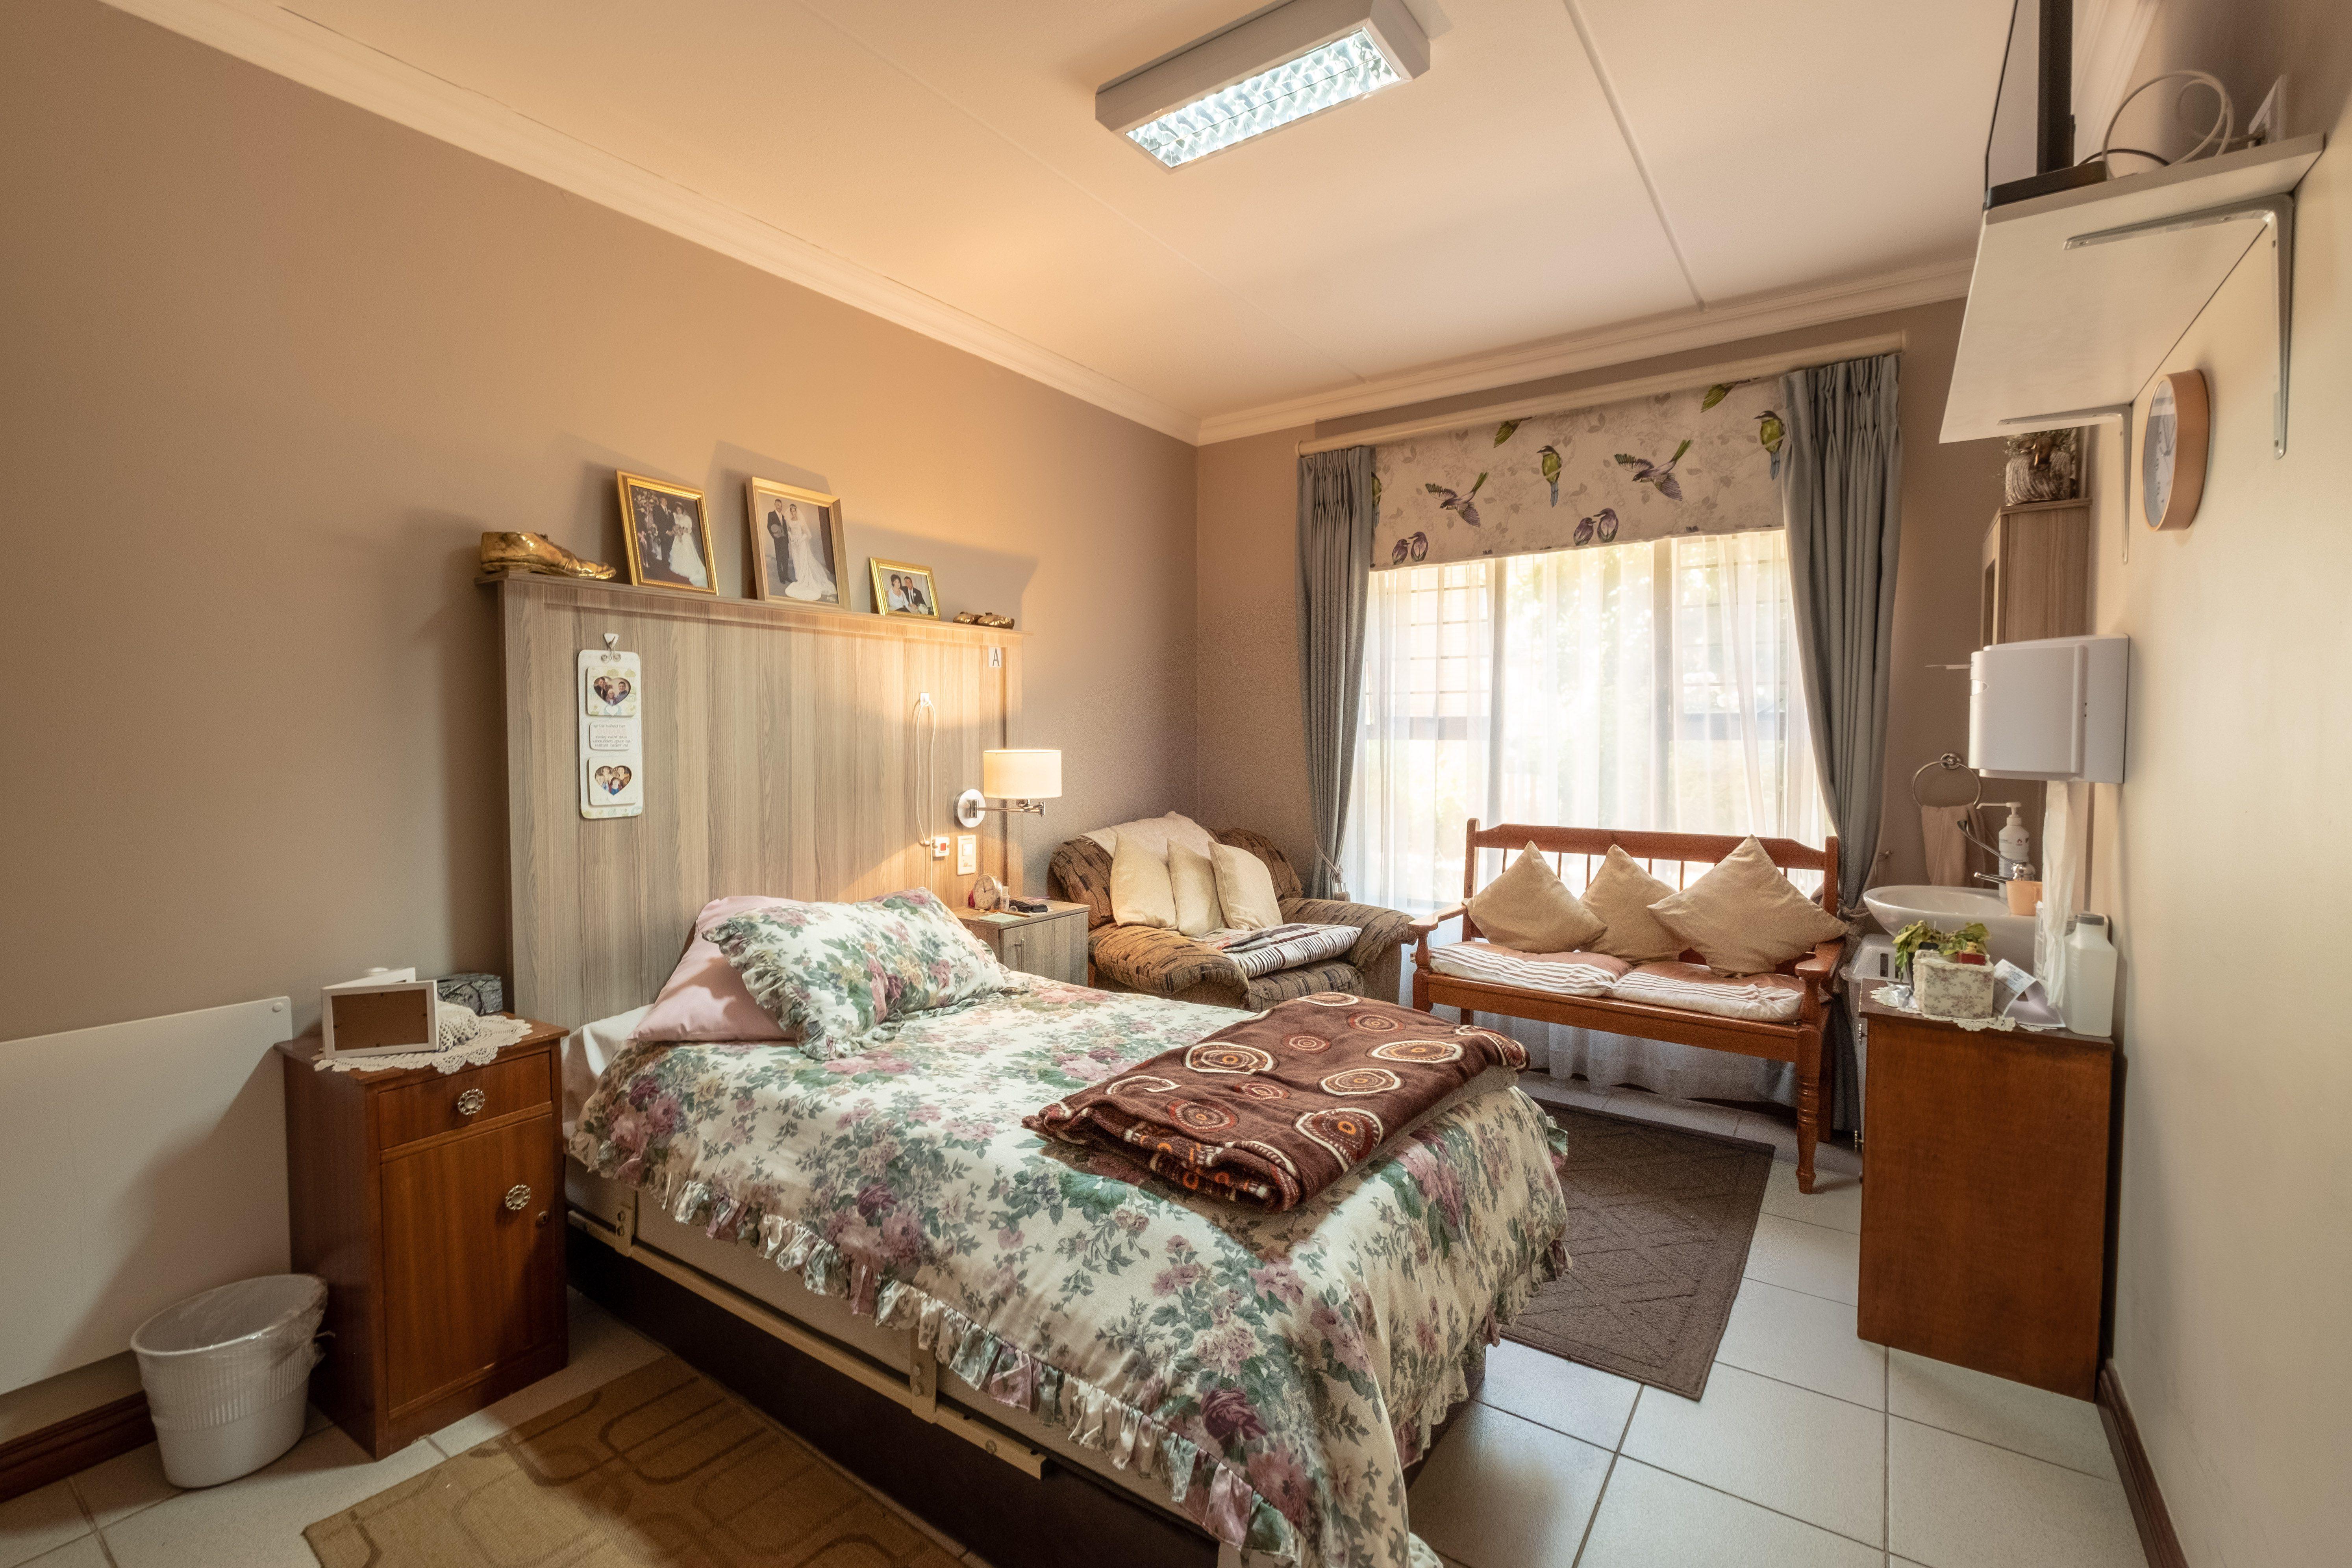 Elmed Single Room